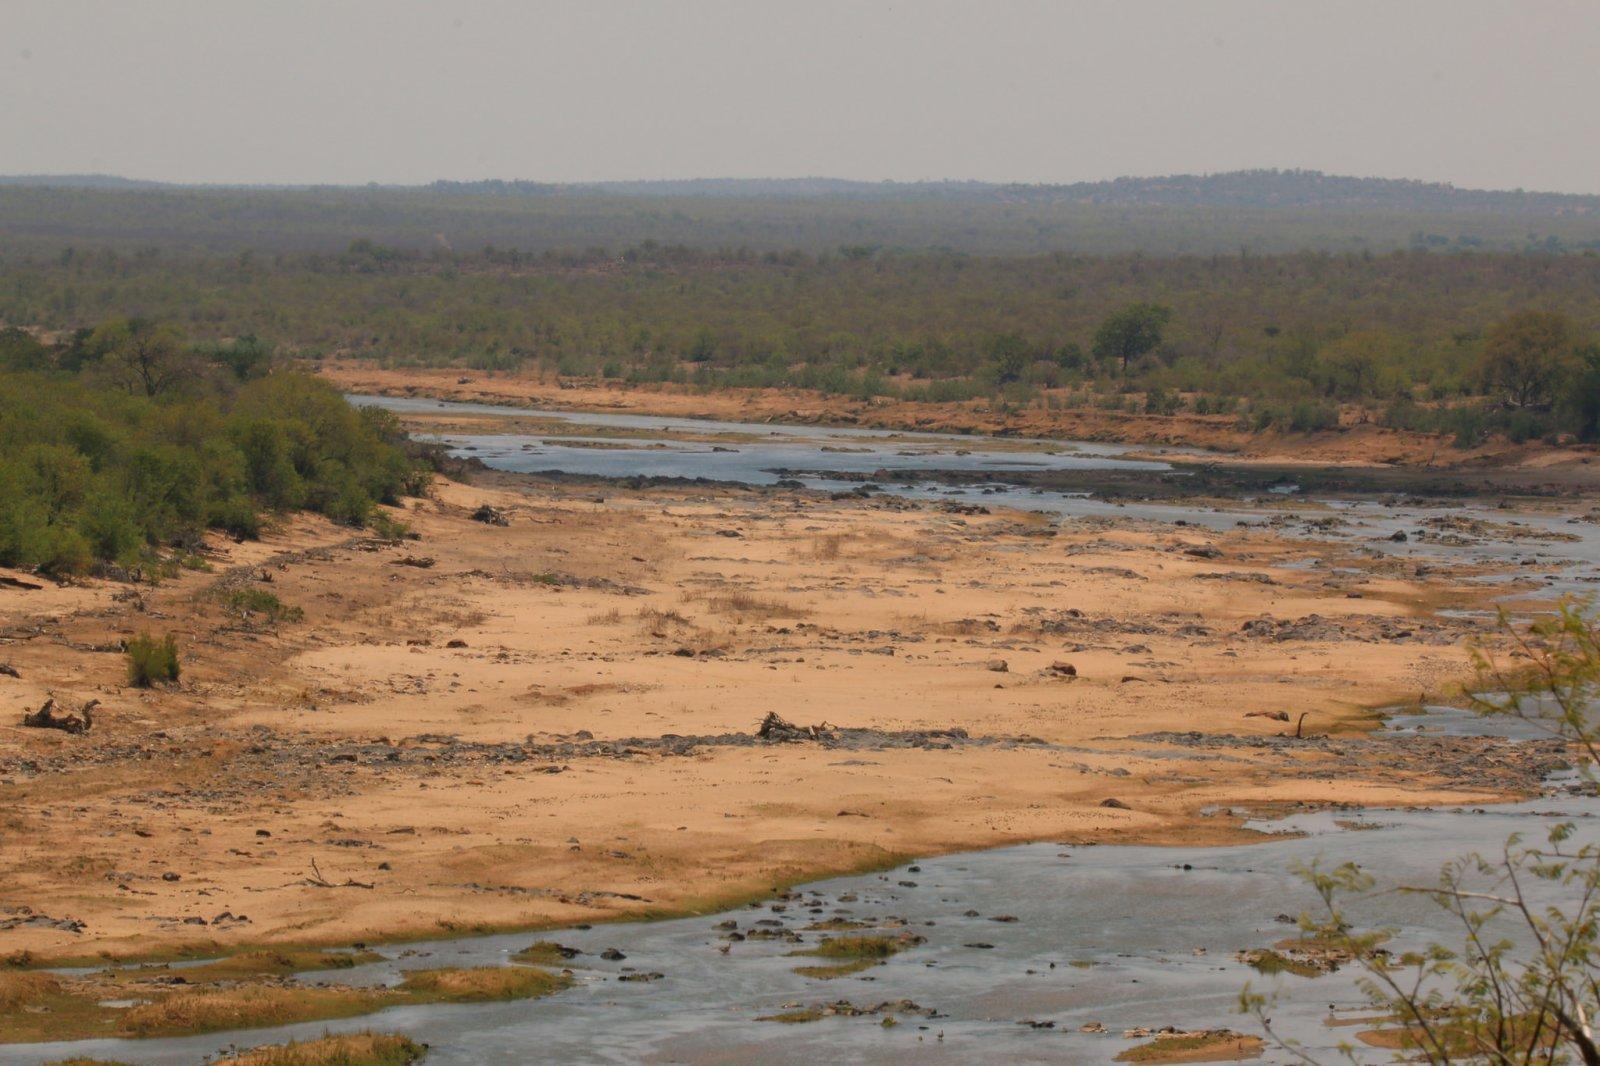 El riu Olifants del Parc Nacional Kruger (Sud-àfrica) durant un episodi de sequera